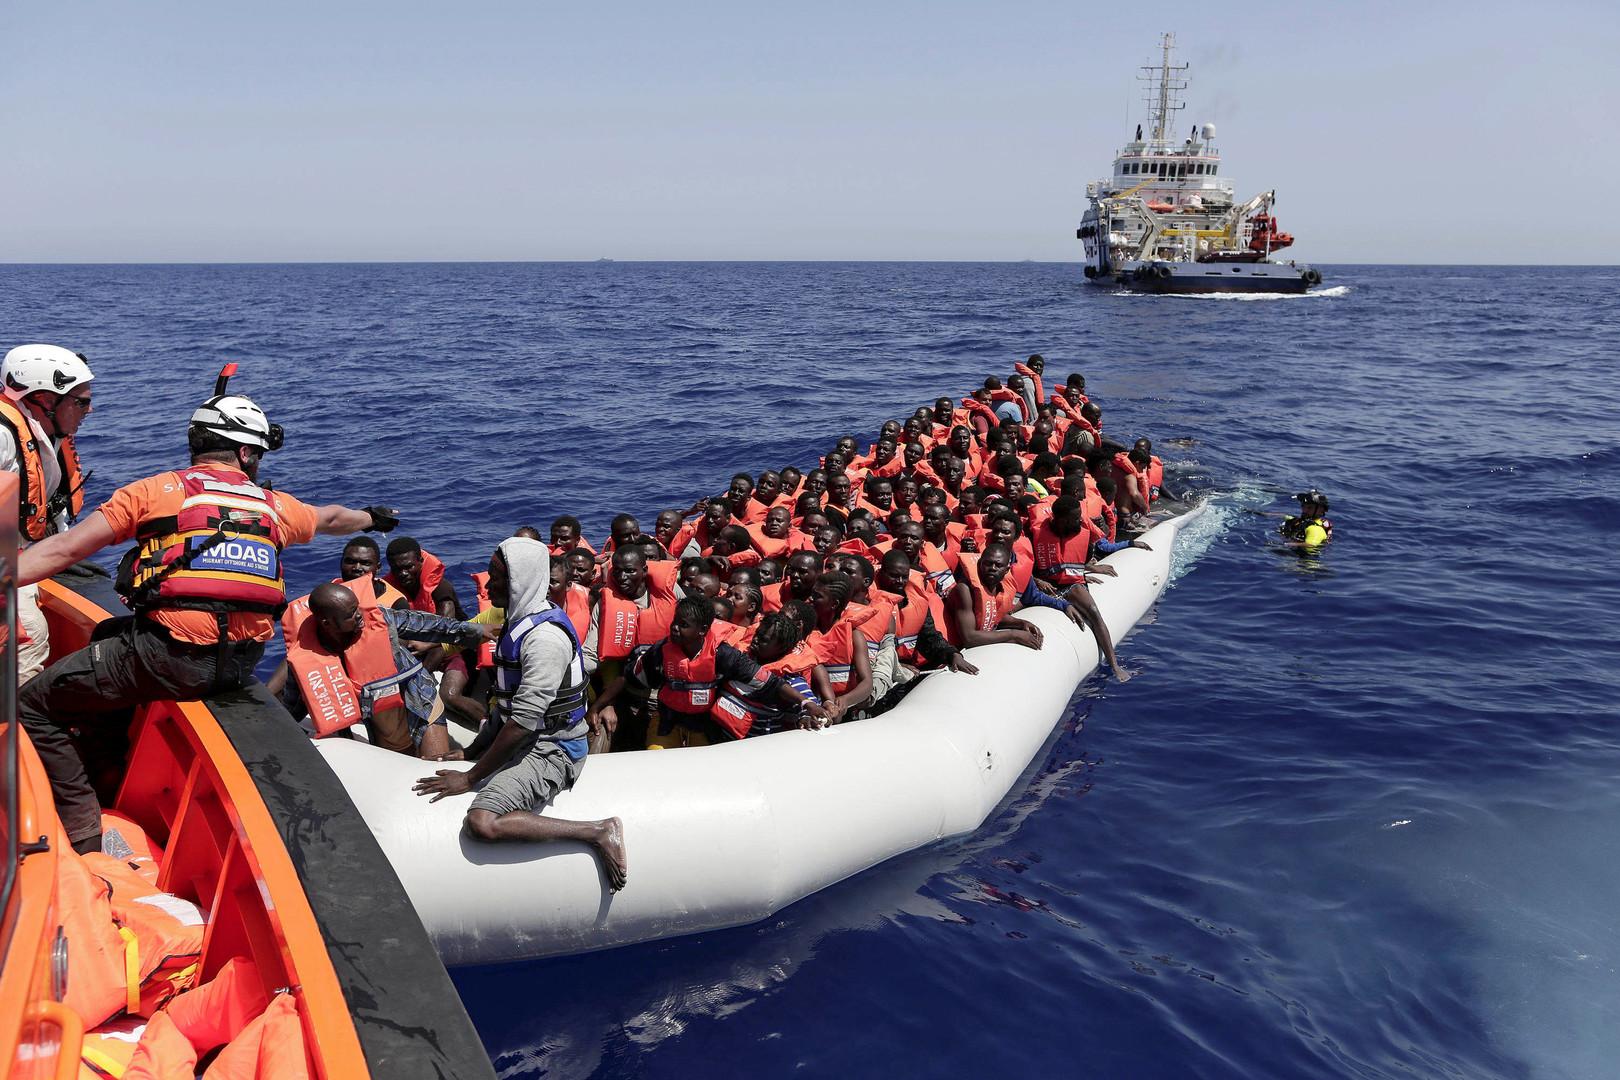 Incontri illegali di immigrati